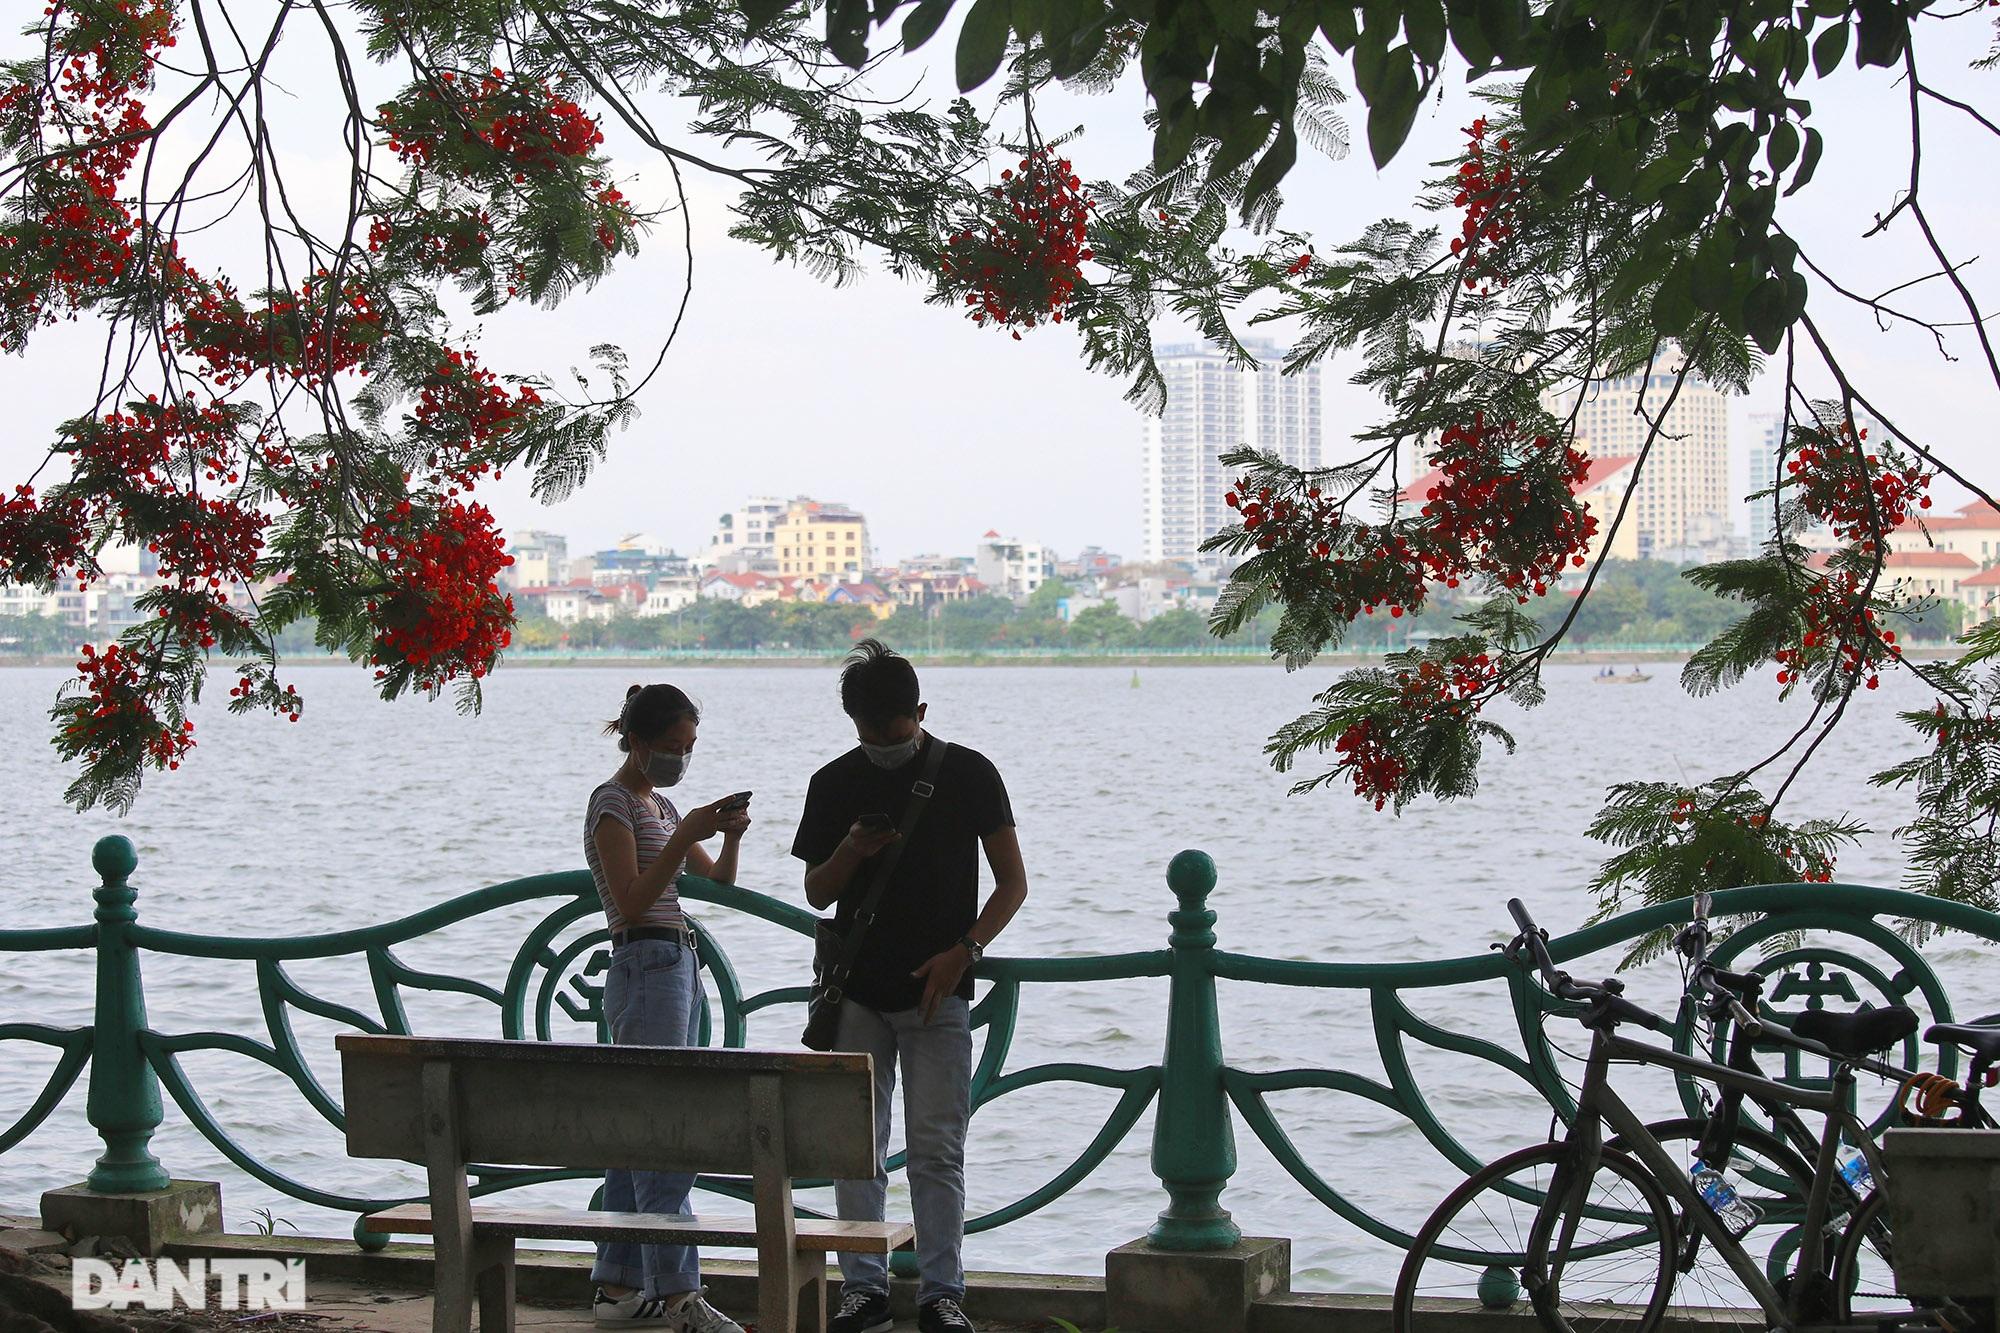 Mùa hoa phượng vĩ bắt đầu nở đẹp khắp phố phường Hà Nội - 1